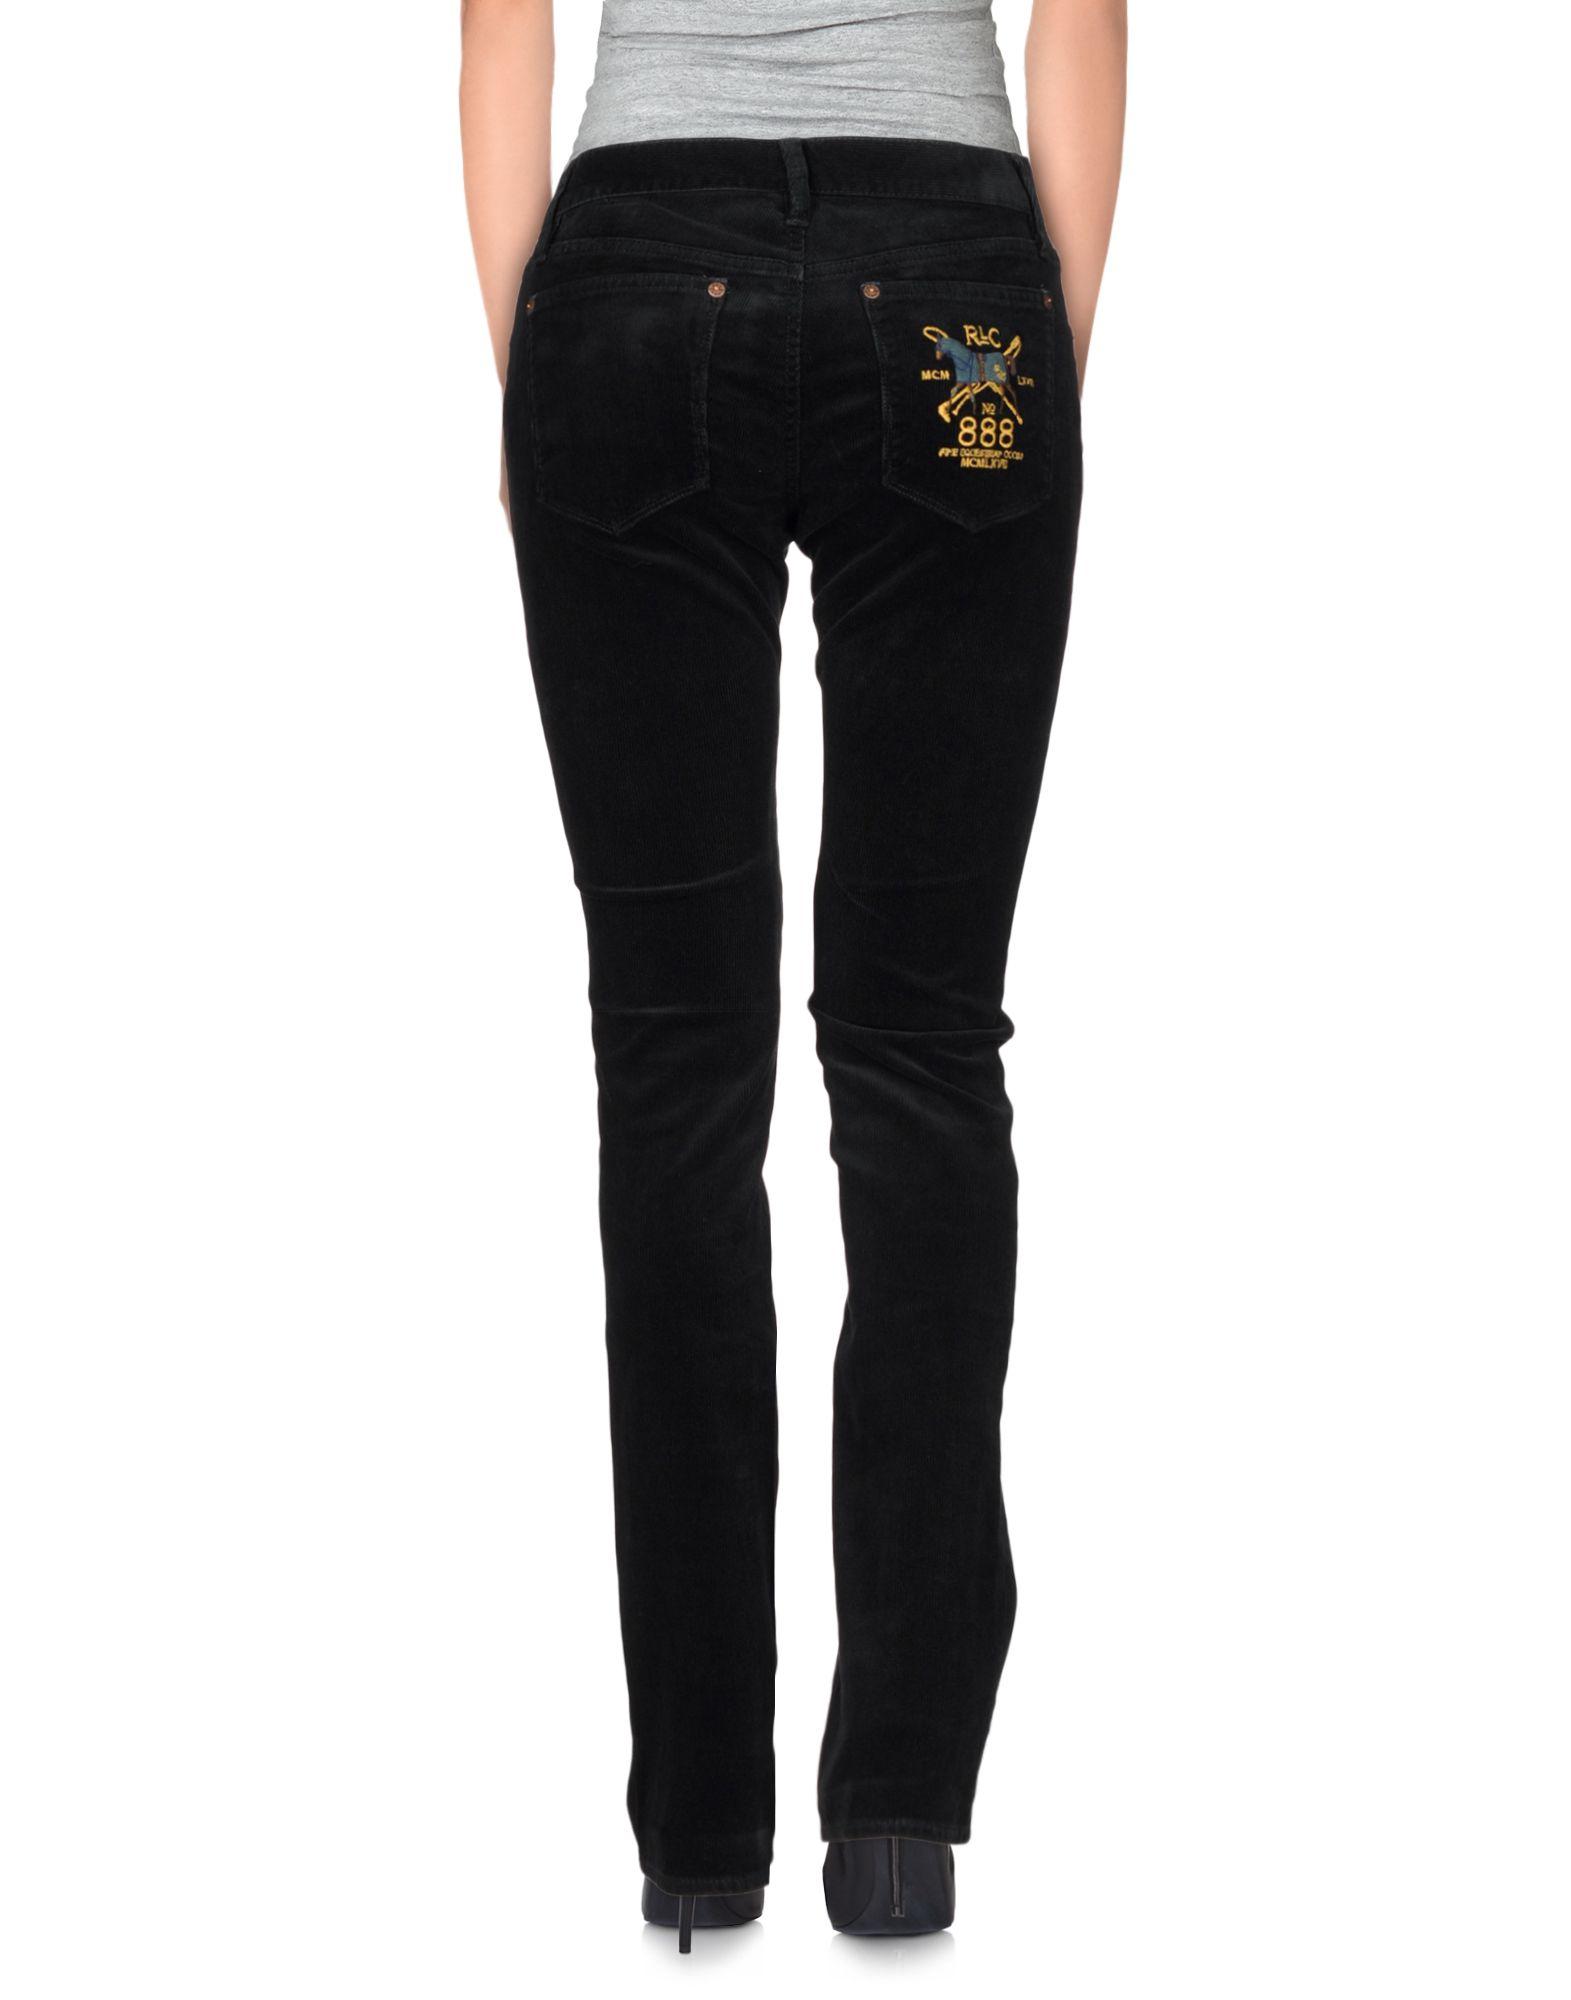 New Lauren By Ralph Lauren Crepe Skinny Pants In Red  Lyst